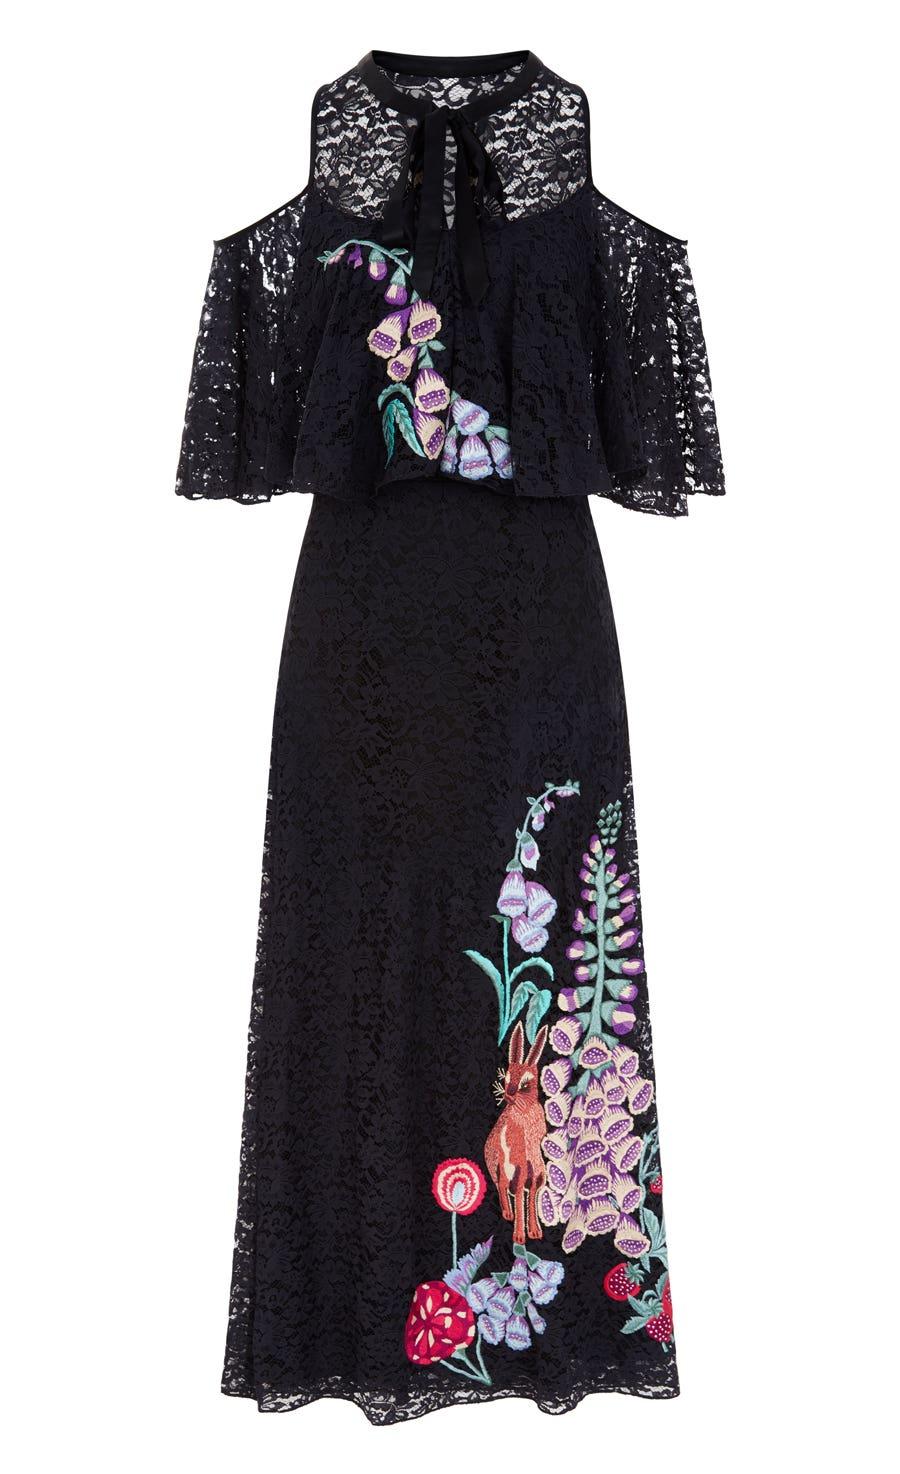 Farewell Dress, Black Mix